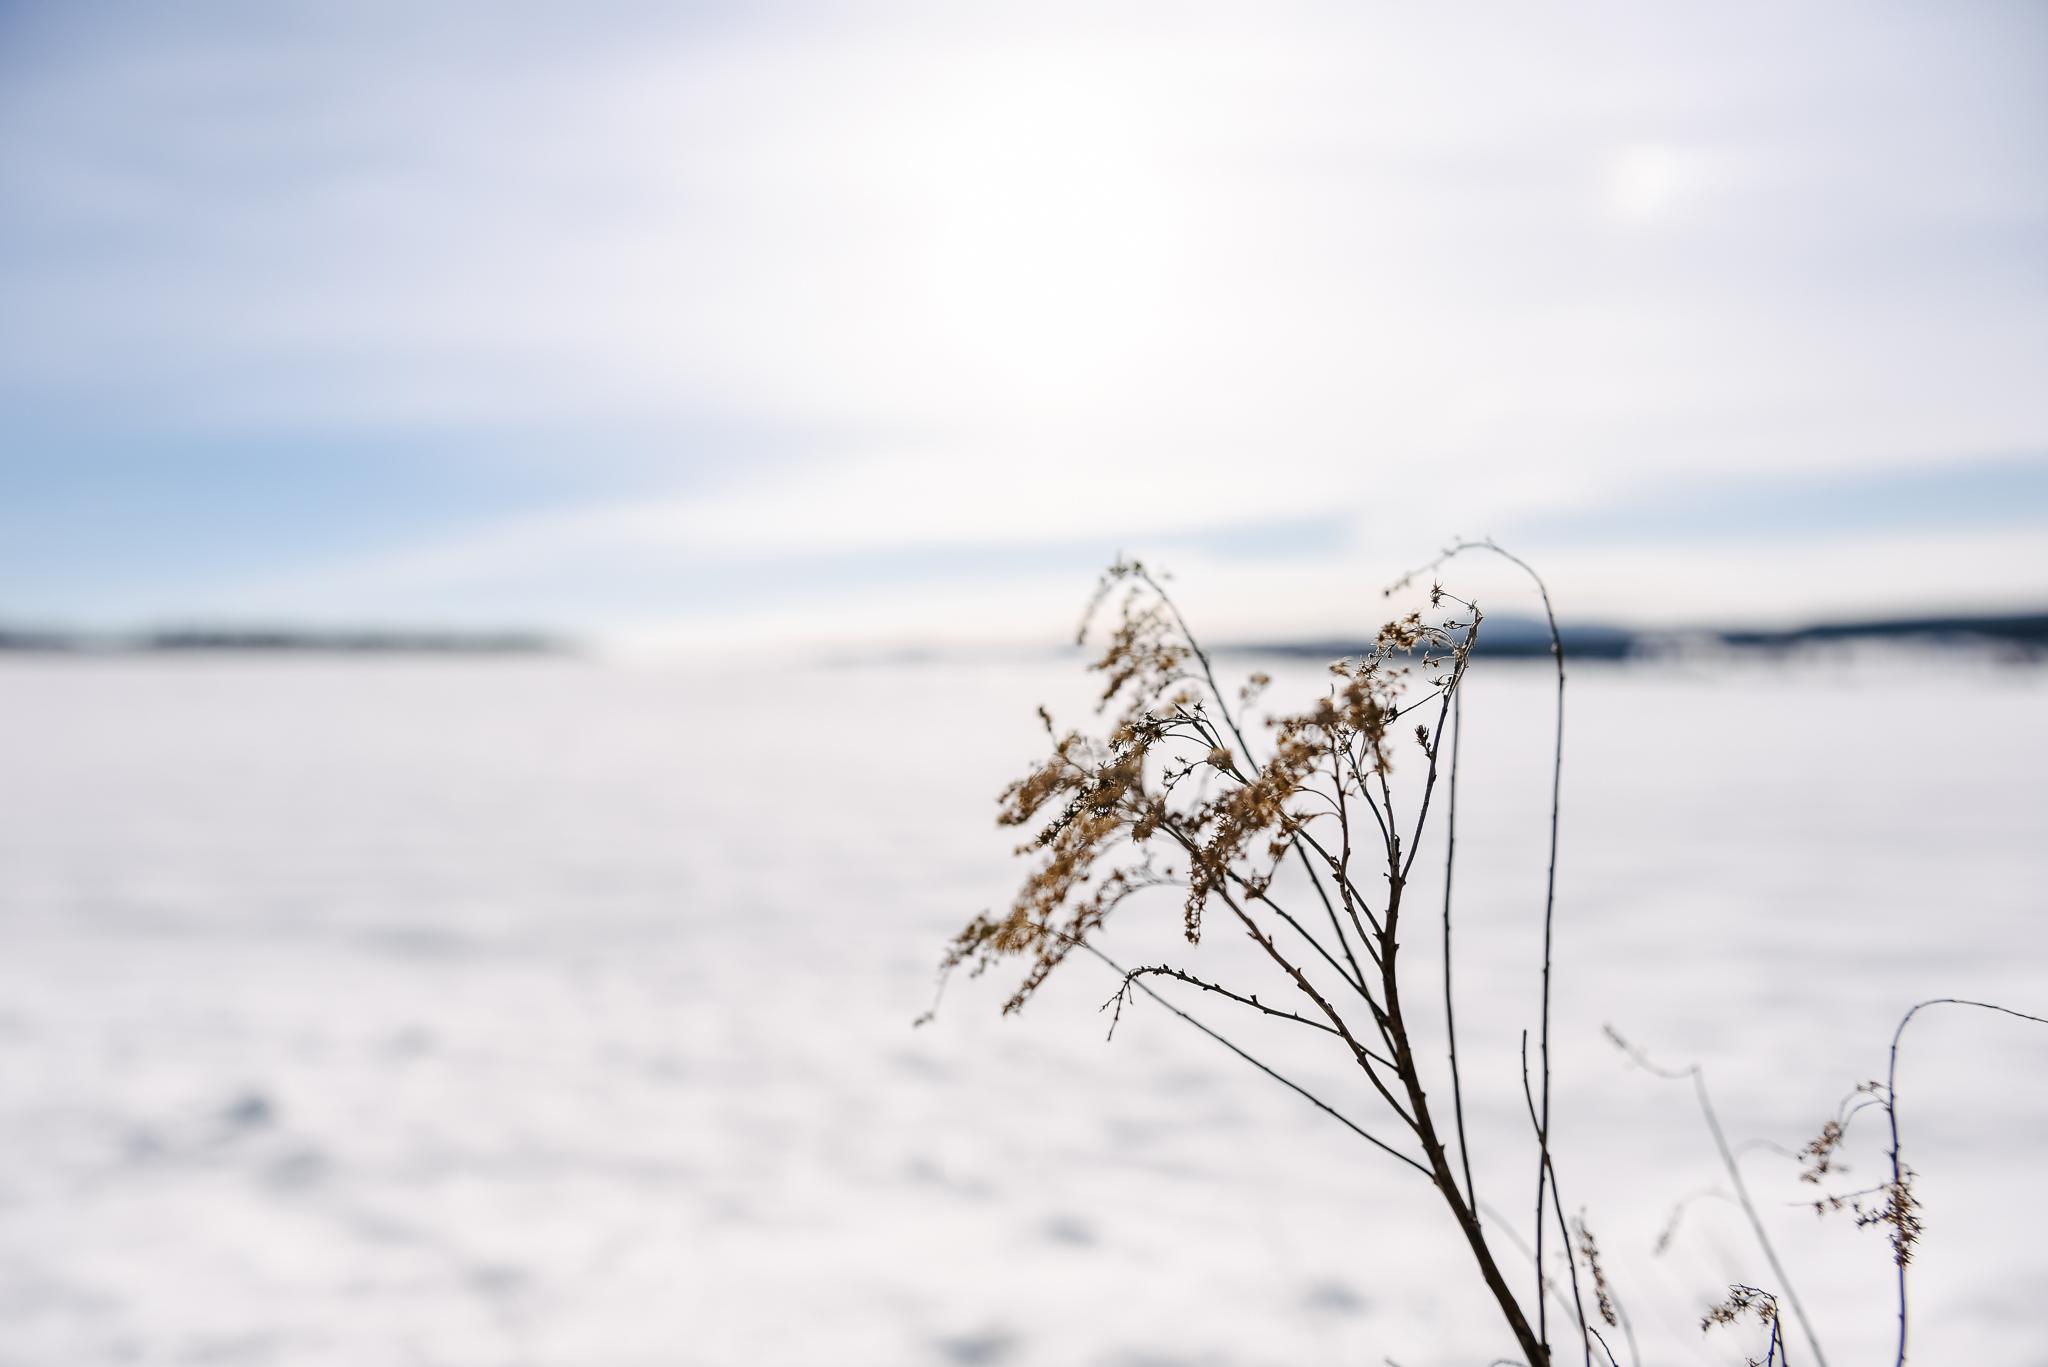 La plus douce des saisons - Agrimom